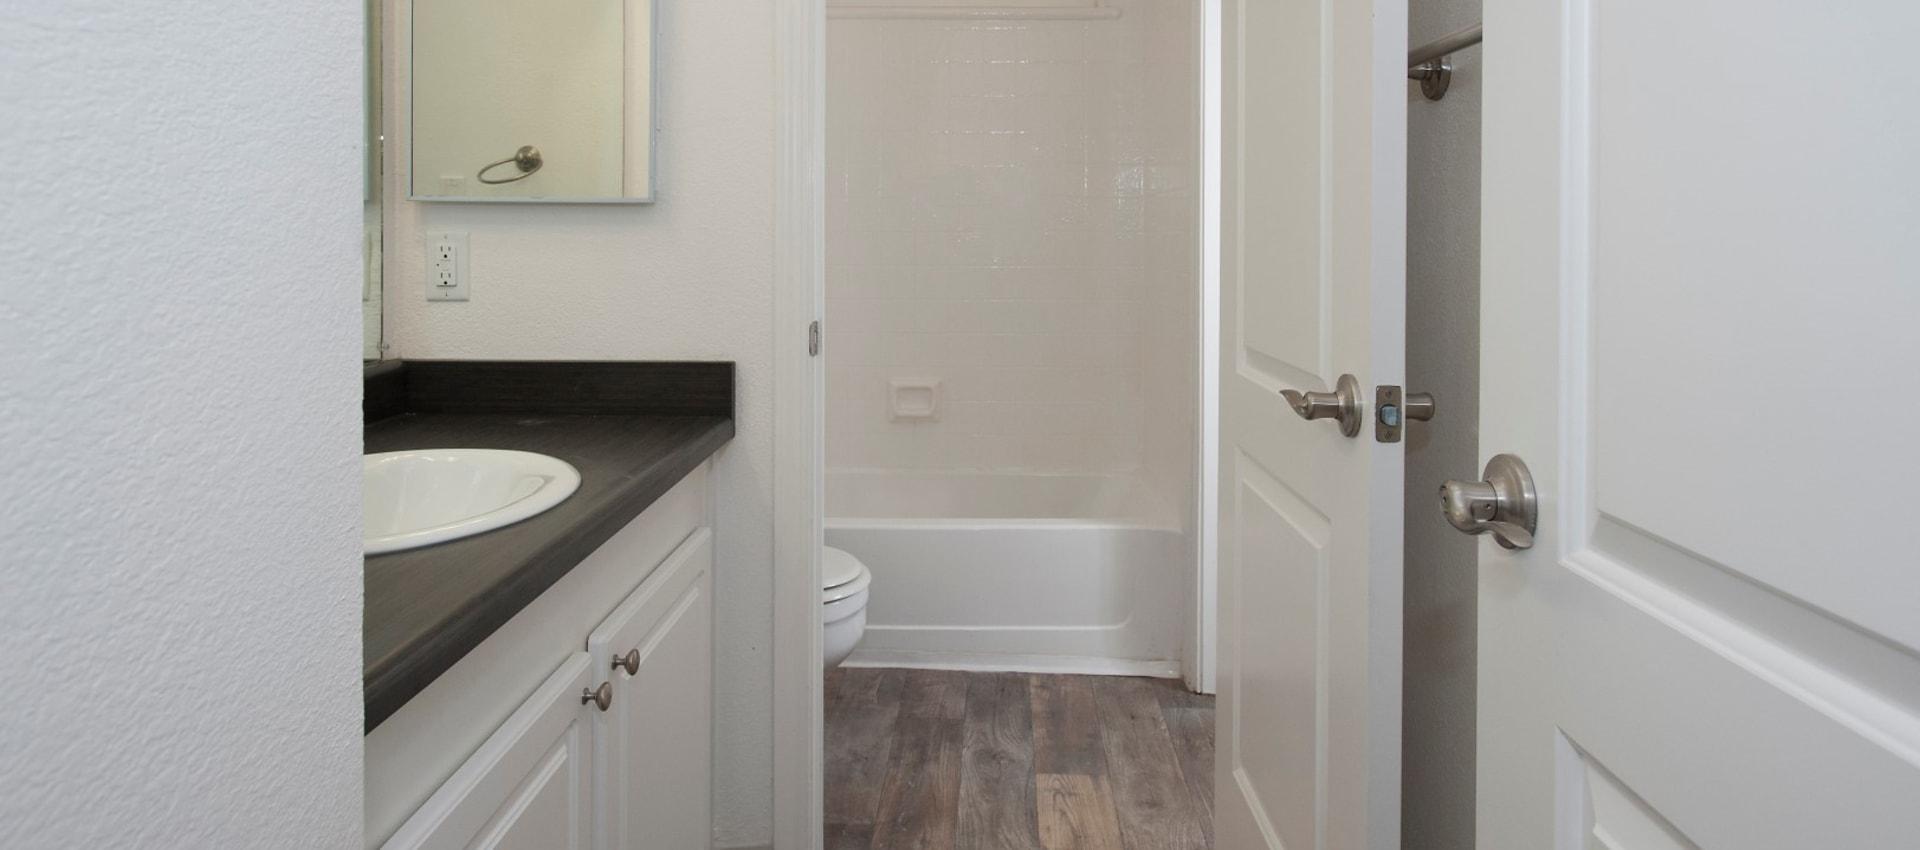 Bathroom at Ridgecrest Apartment Homes in Martinez, California